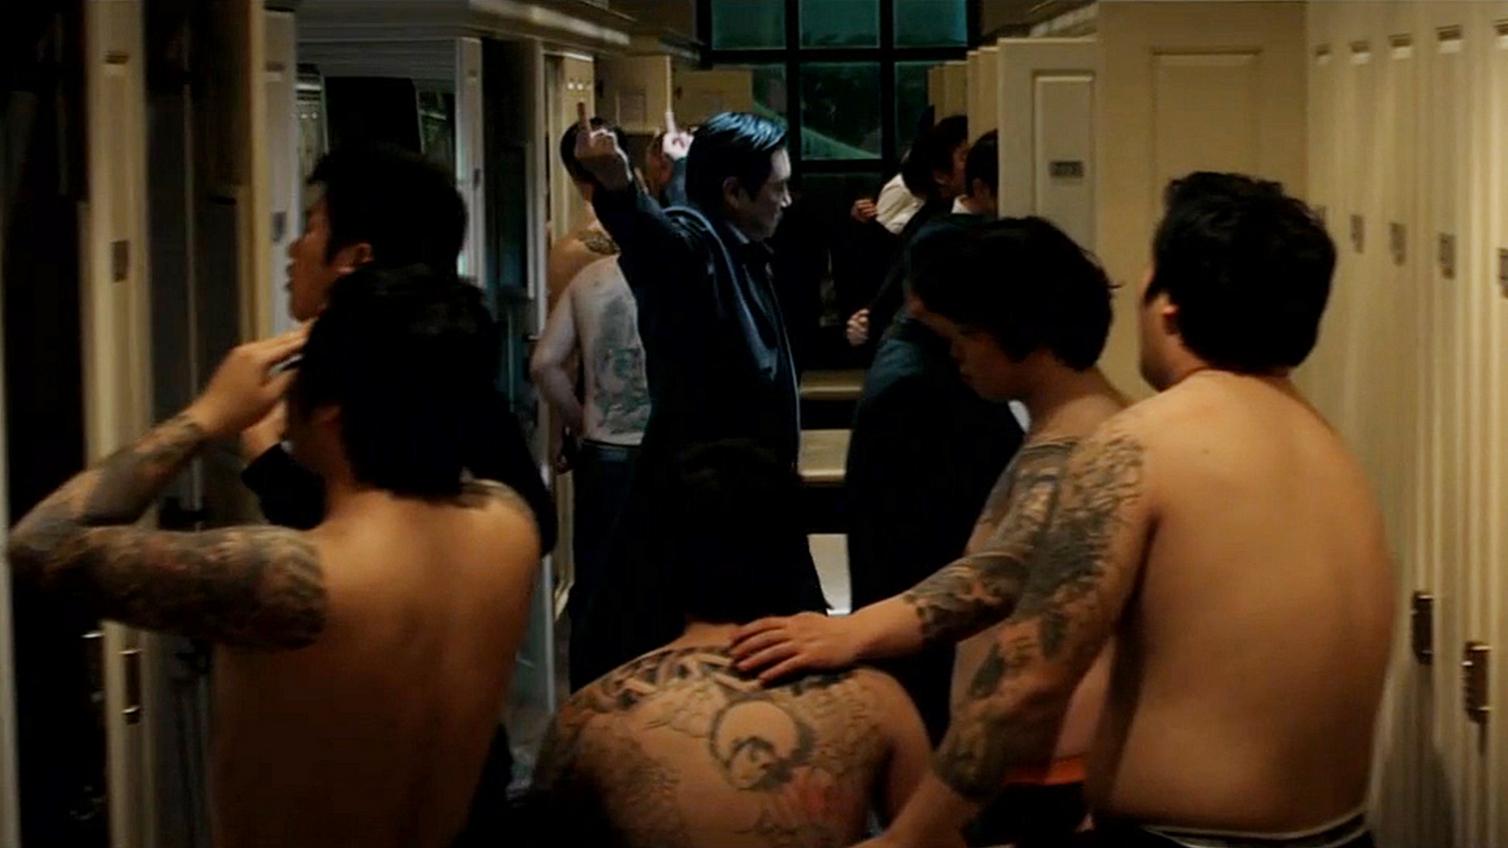 【阿斗】堪称2014年最具观赏性的韩国犯罪电影,口碑爆棚,全程无冷场!